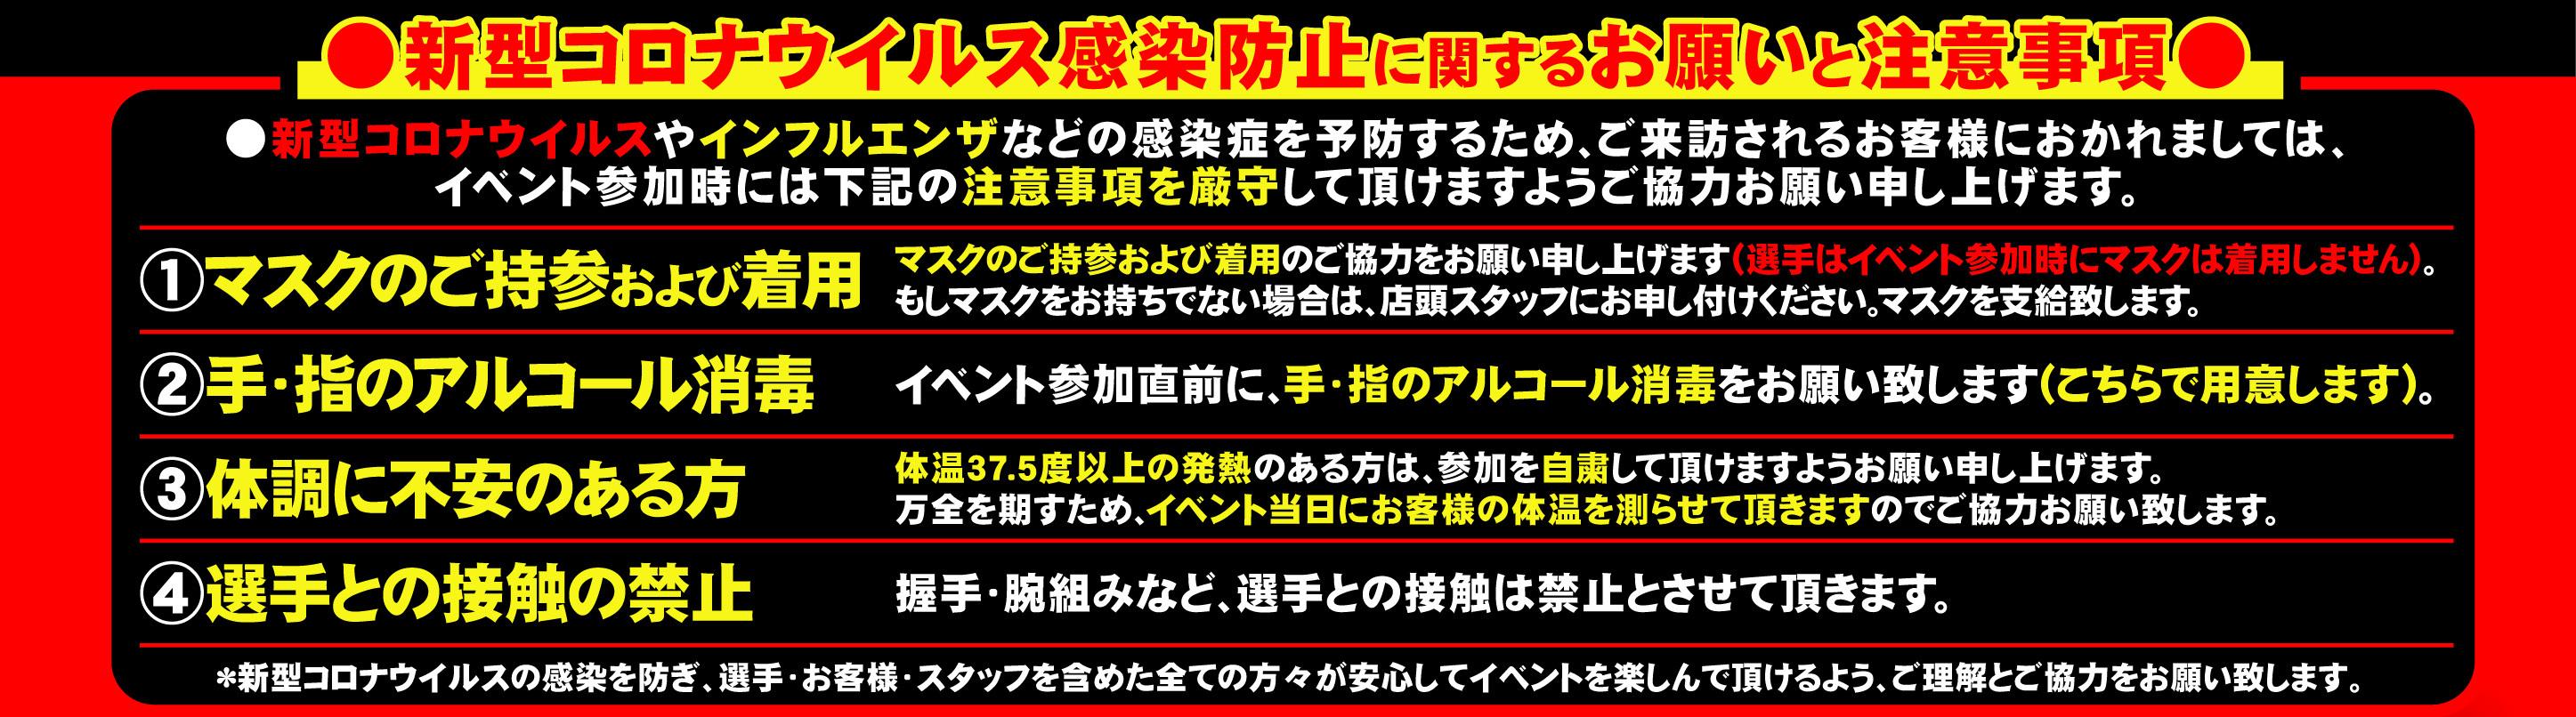 【体温チェック】200307BWPB01ファンミA4フライヤー表_コロナ部分